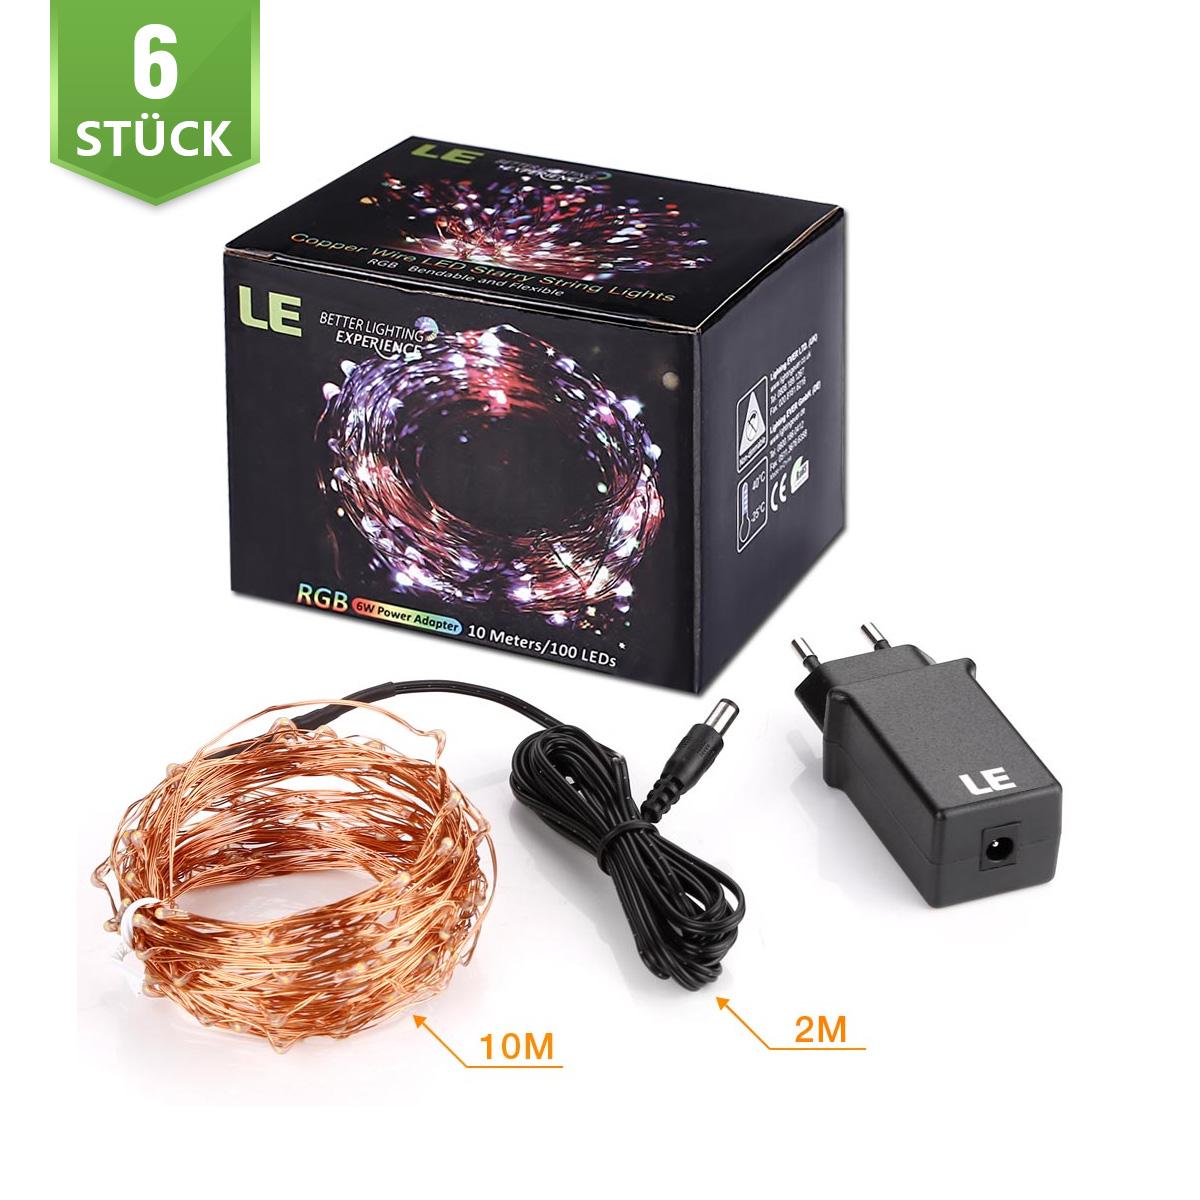 [Bündel] 10M LED RGB Kupferdraht Lichterkette, 100er LEDs, Wasserdicht Sternen Lichterketten, Außen/ Innen Weihnachtsdekor, 6er Set